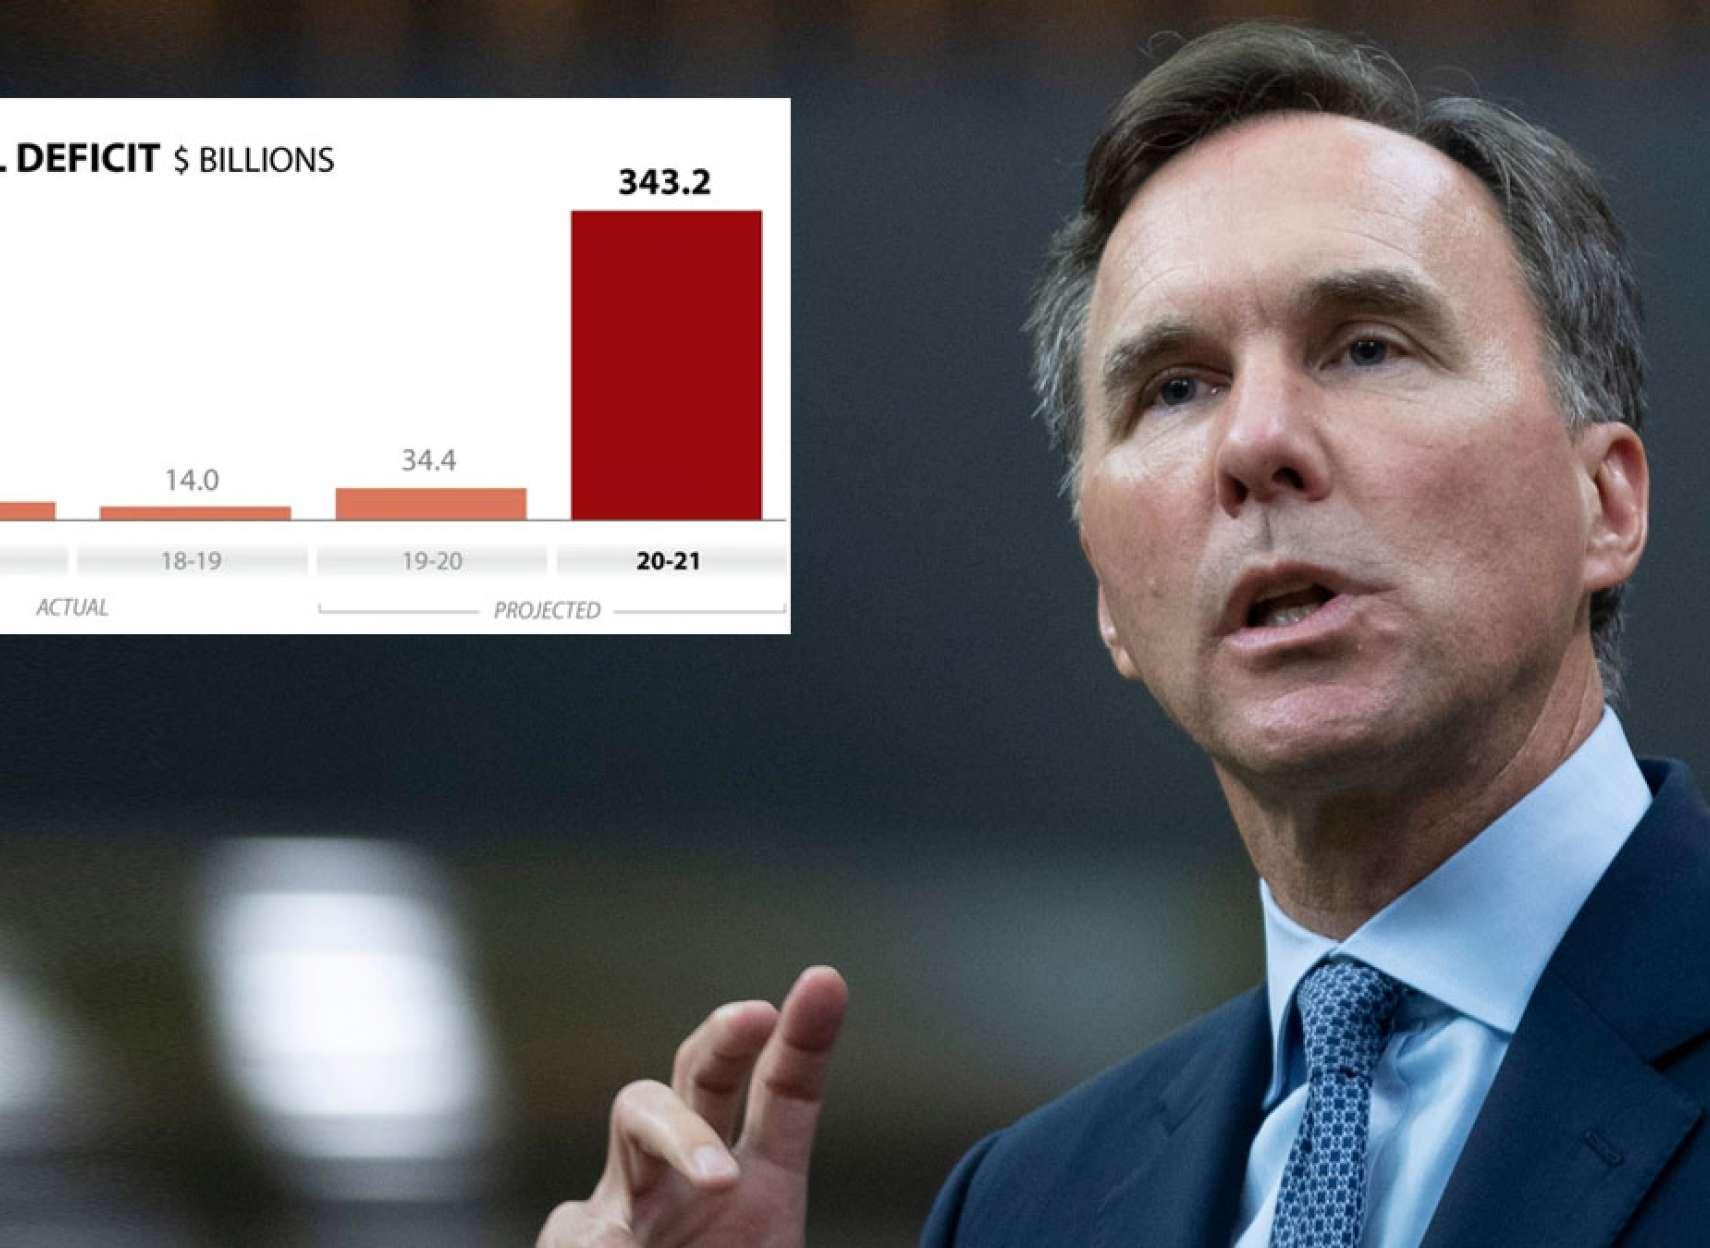 اخبار-کانادا-اعلان-بزرگترین-کسری-بودجه-کانادا-پس-از-جنگ-دوم-چگونه-پول-هایی-که-دولت-به-شما-داده-بازپرداخت-می-شوند